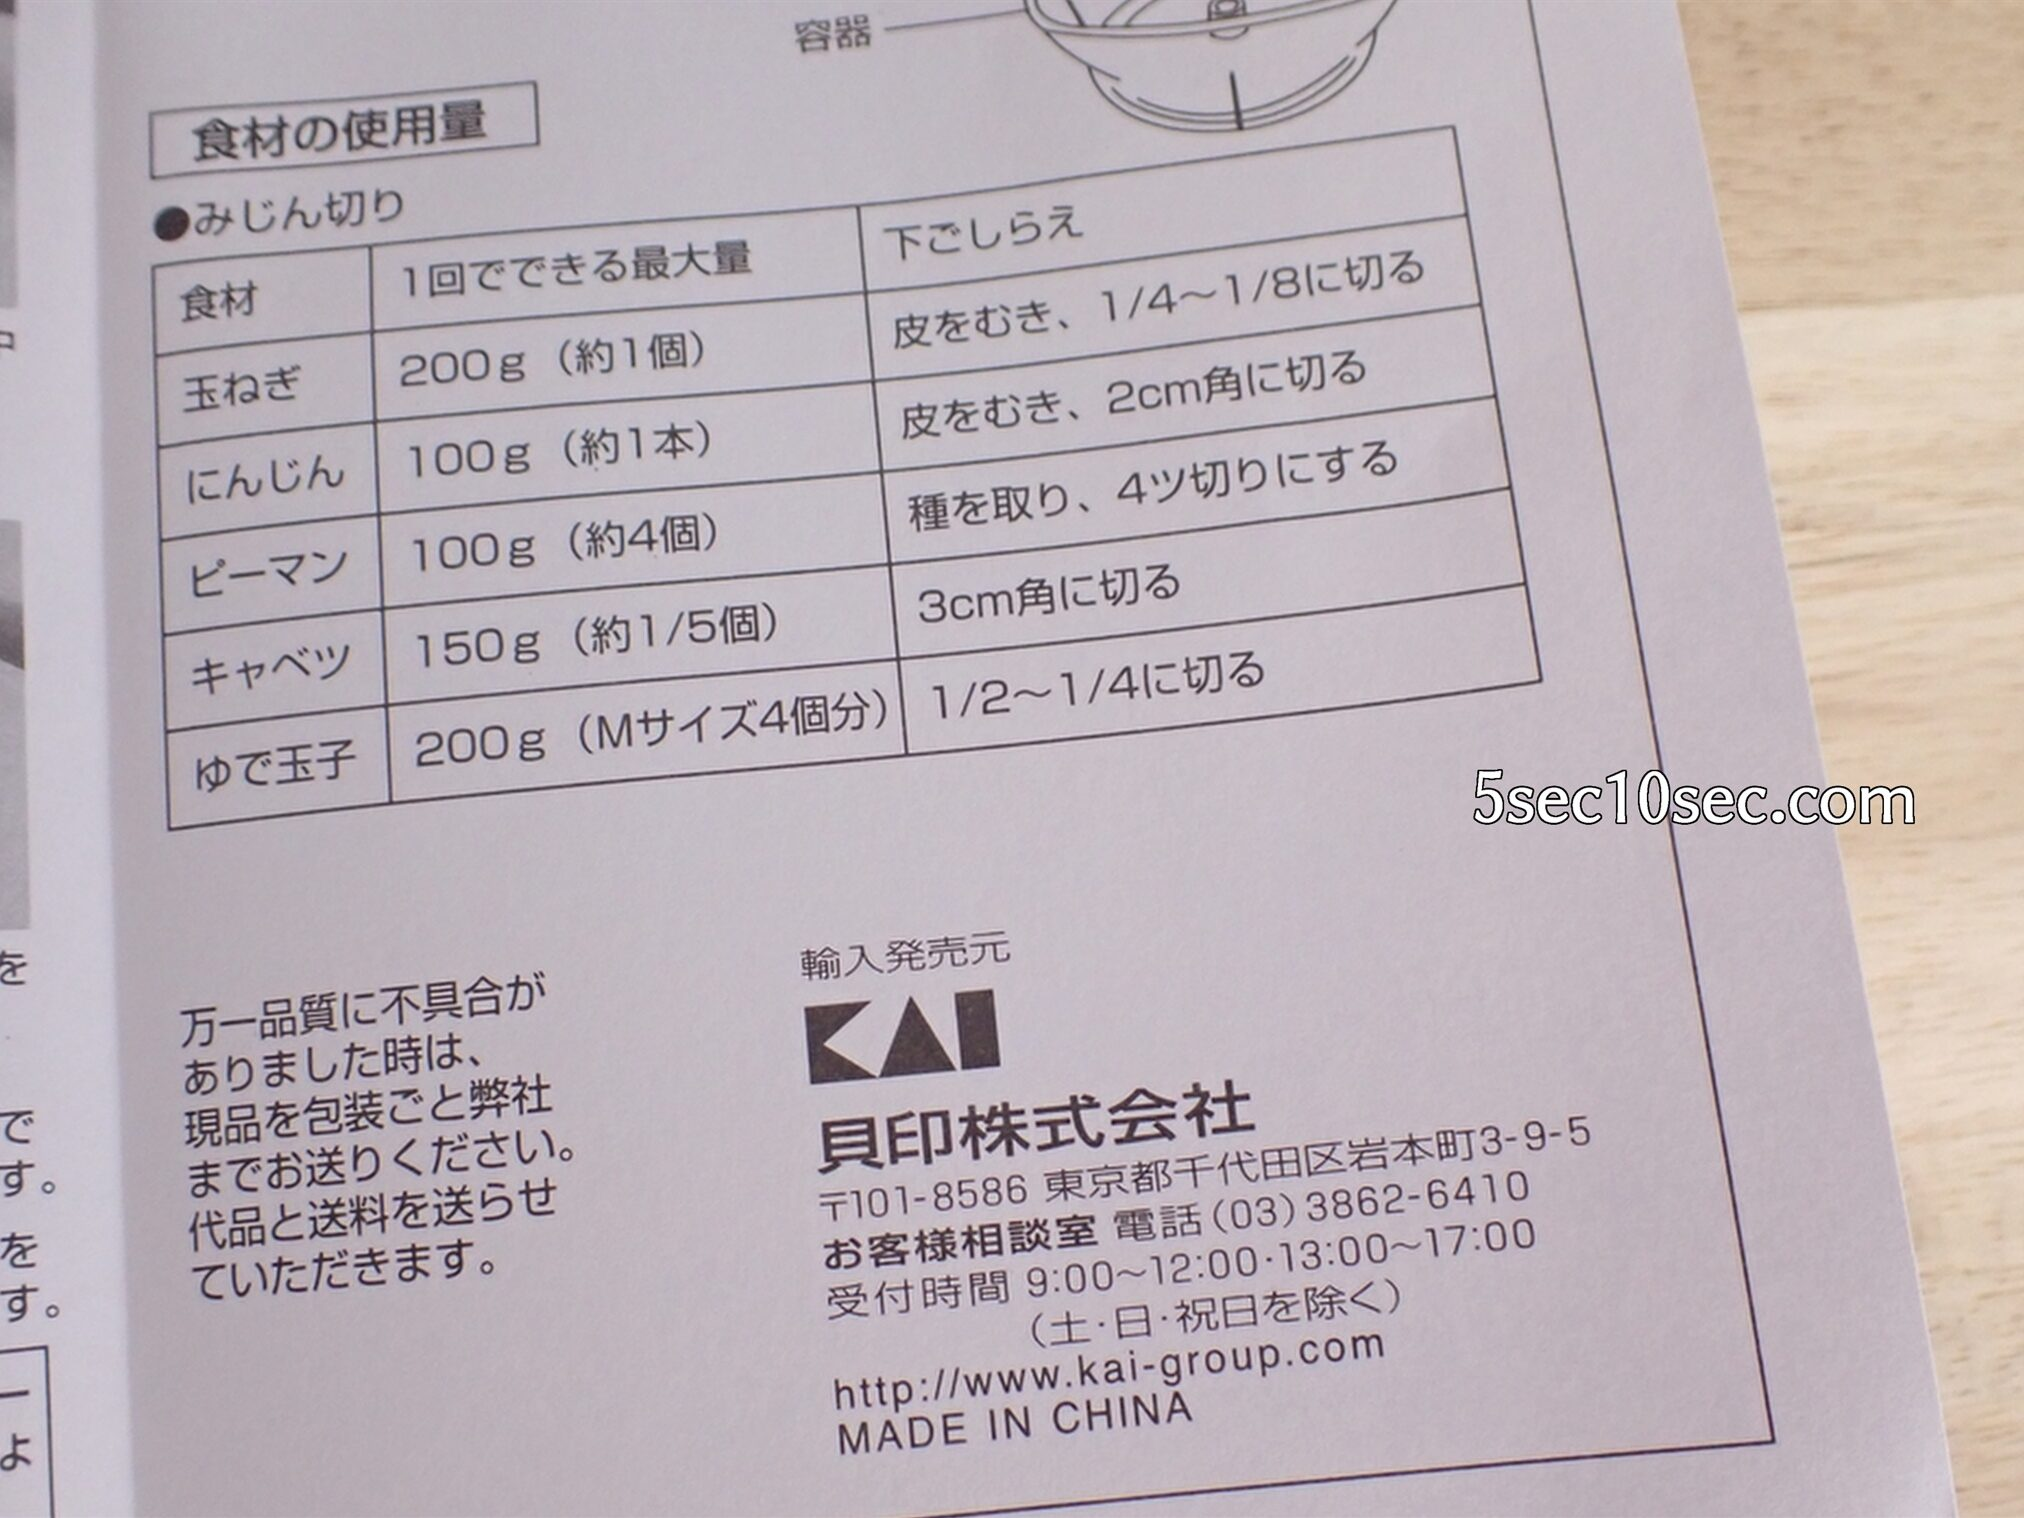 貝印 KHS スピーディーチョッパー L 品番DH2084 入る食材の量、使用量目安